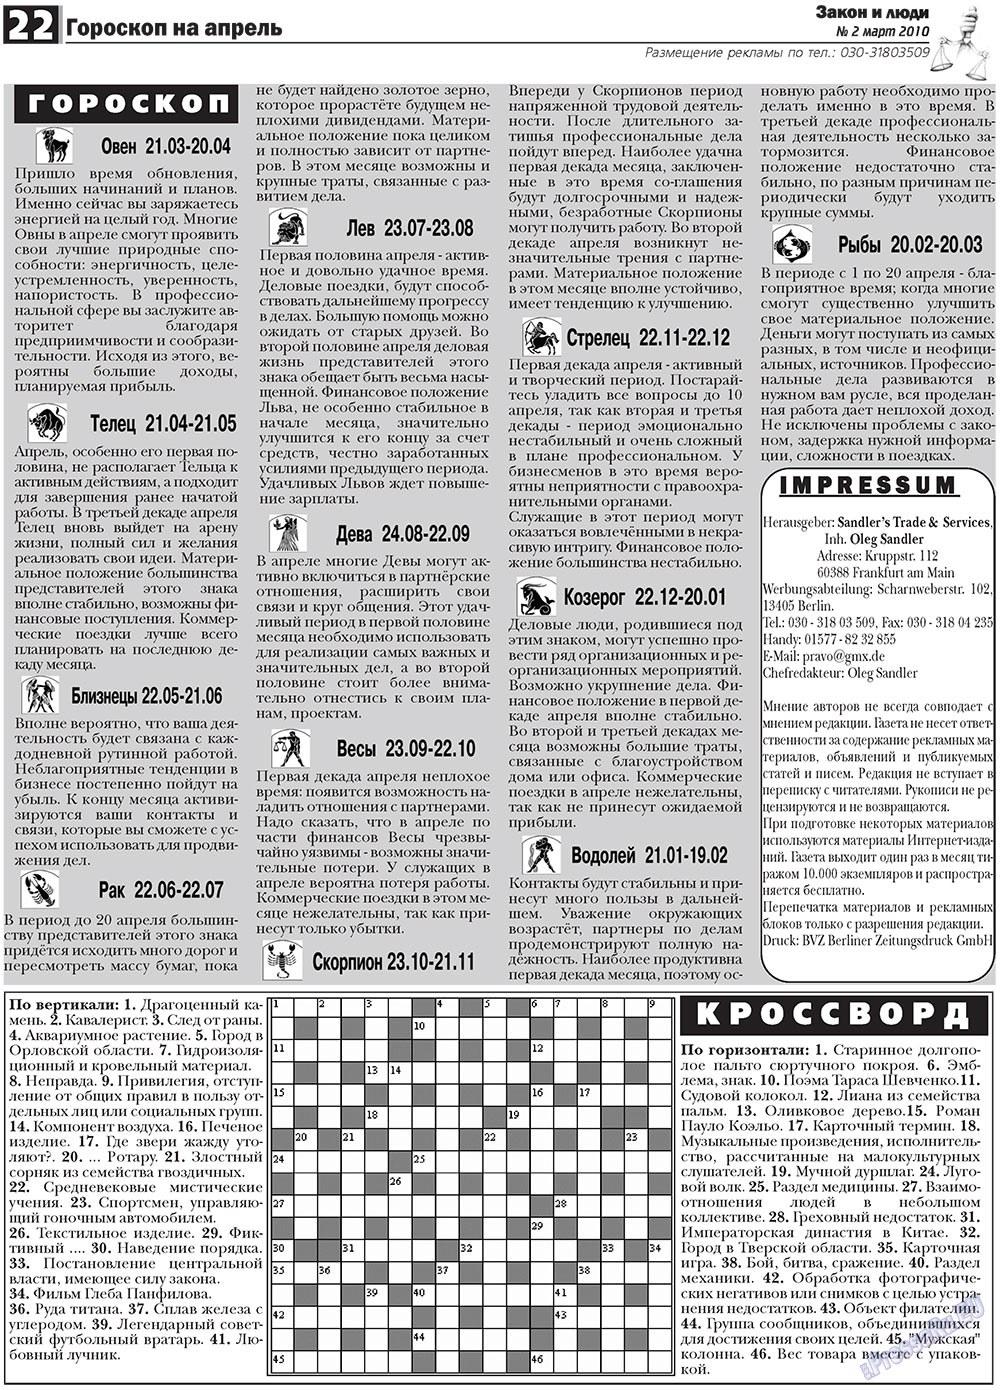 Закон и люди (газета). 2010 год, номер 2, стр. 22